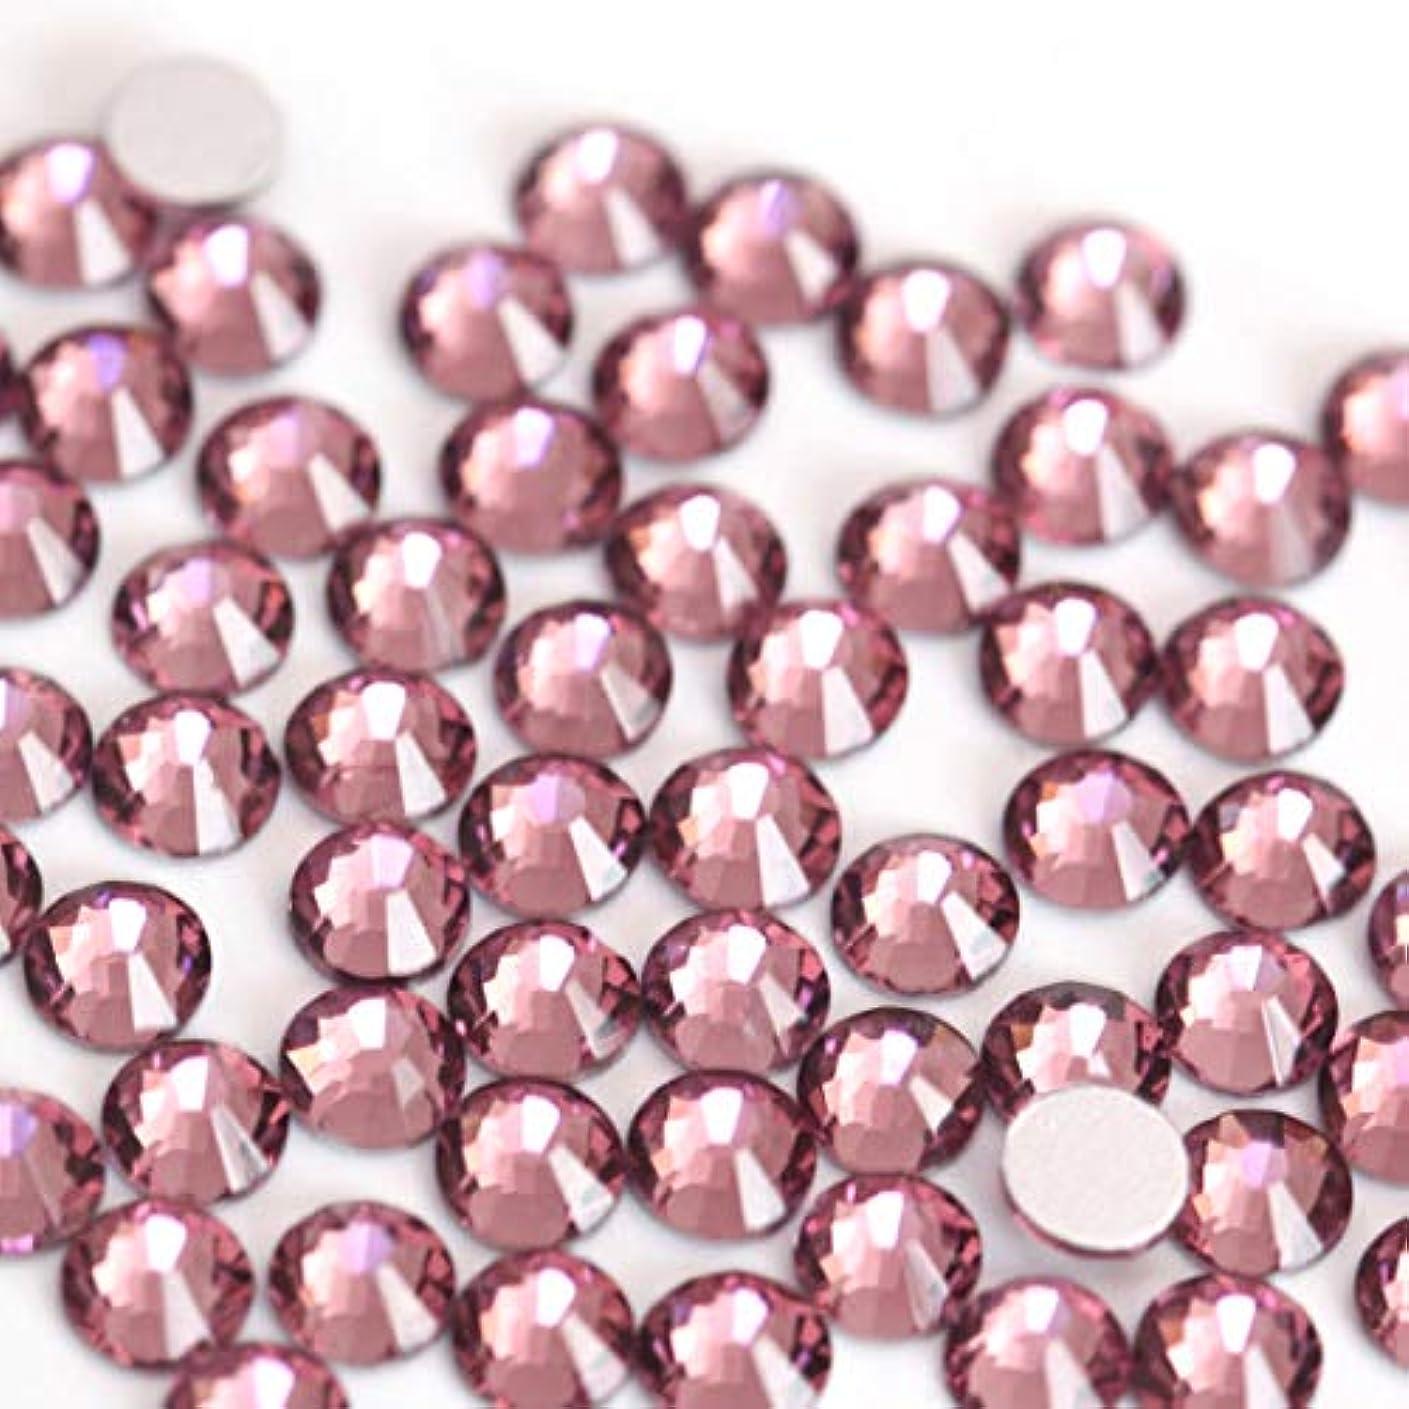 音節悪質なバンガロー【ラインストーン77】高品質ガラス製ラインストーン ライトアメジスト(1.9mm (SS6) 約200粒)